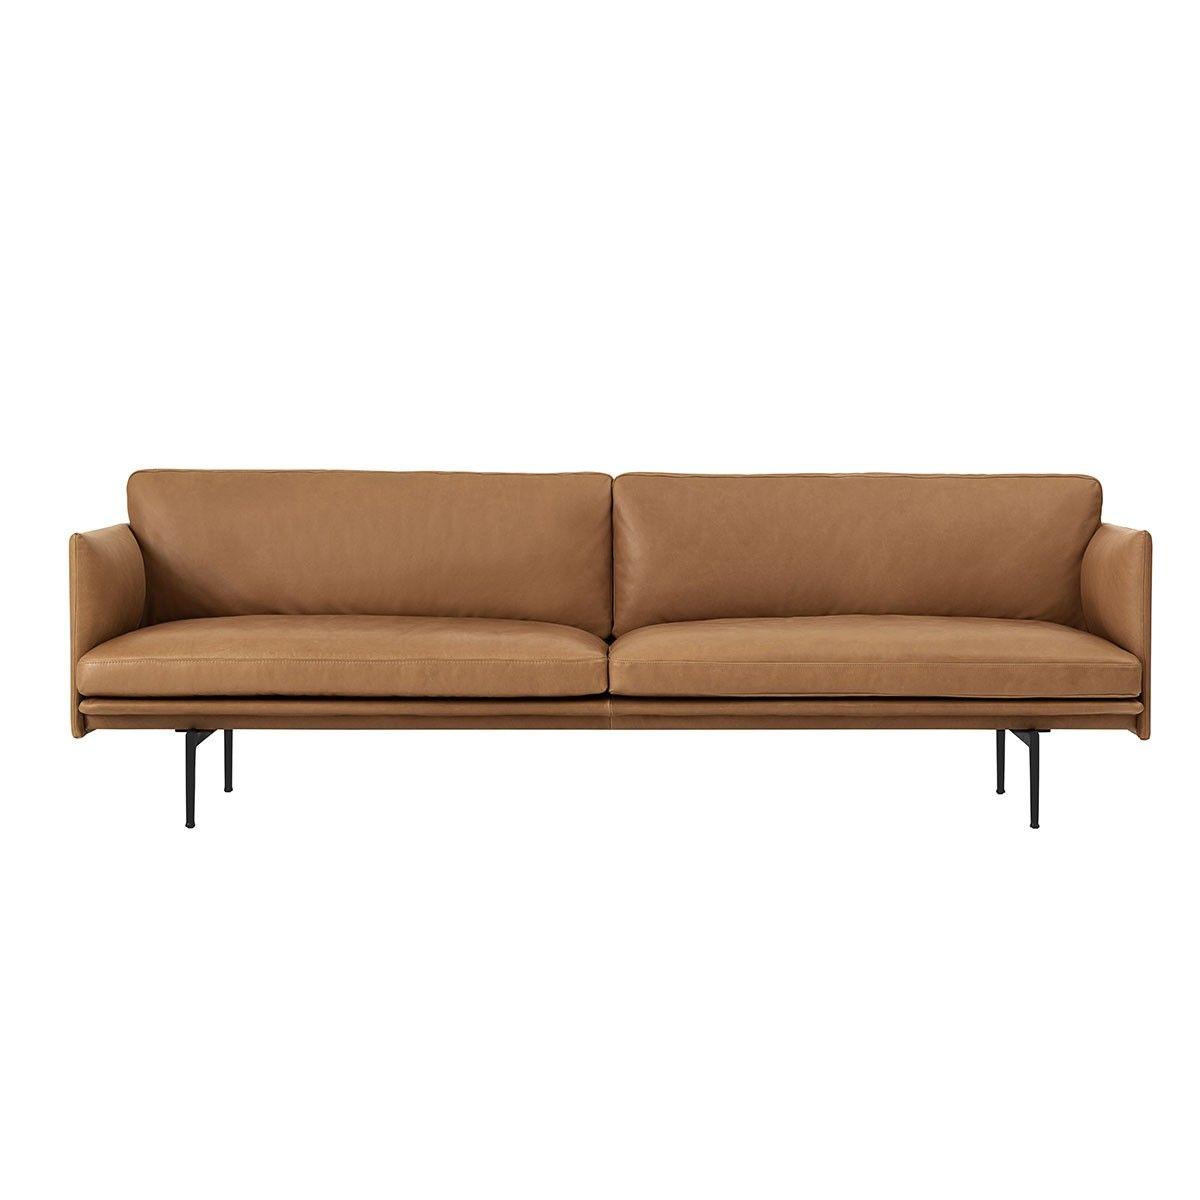 Canapé Places Outline Cuir Cognac Muuto Designé Par Anderssen - Canapé 3 places pour salon en l moderne